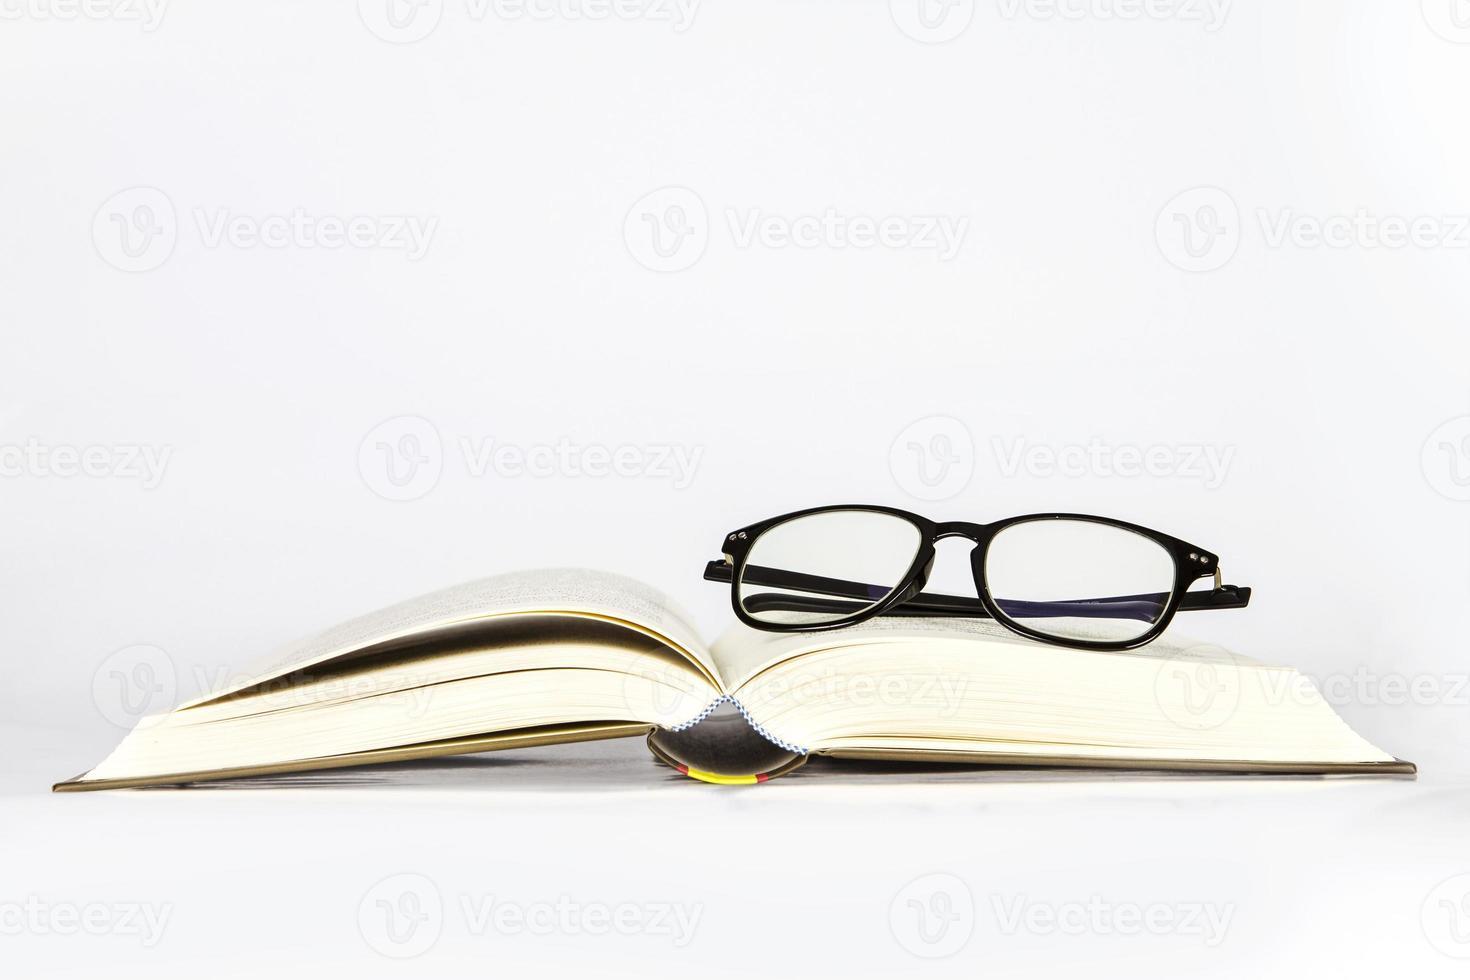 svarta rimmade glasögon placerade på öppnad bok foto